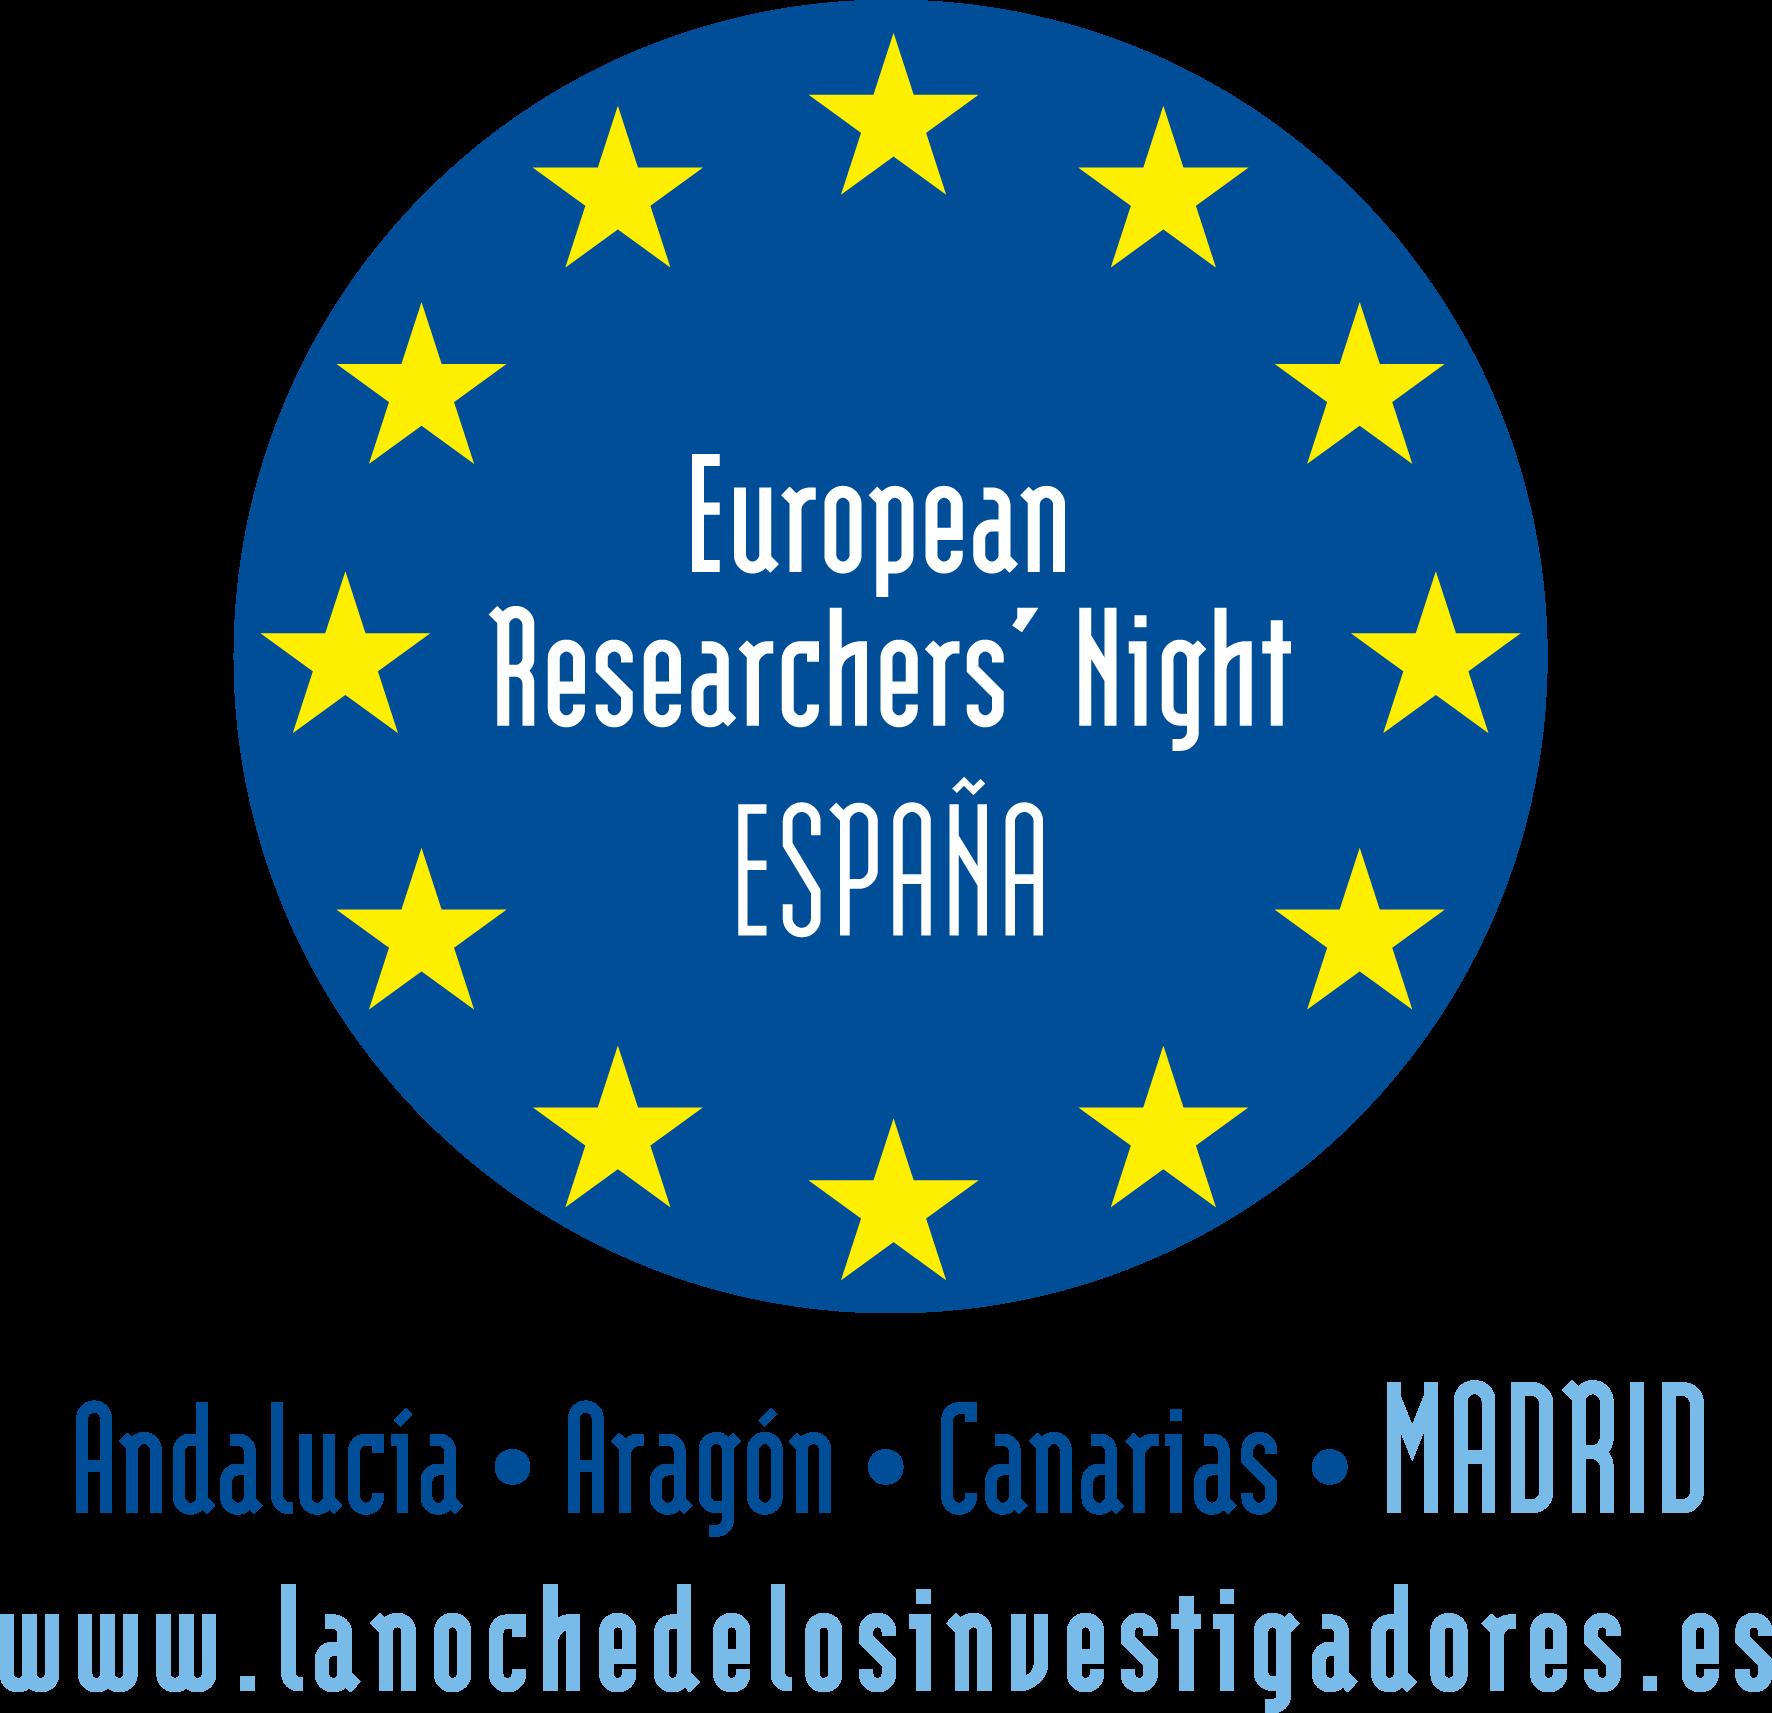 Noches financiadas en España por la UE